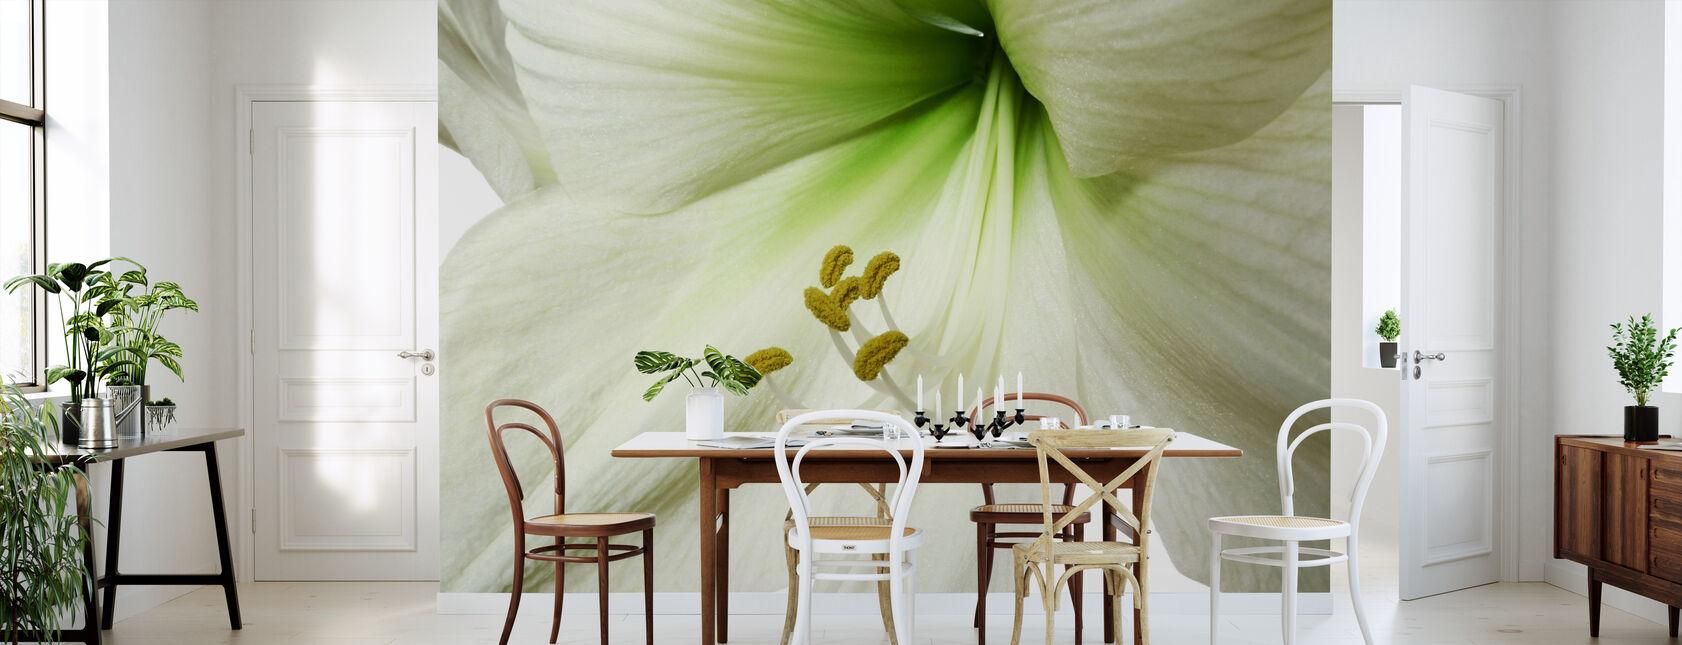 Amaryllis - Close up - Wallpaper - Kitchen